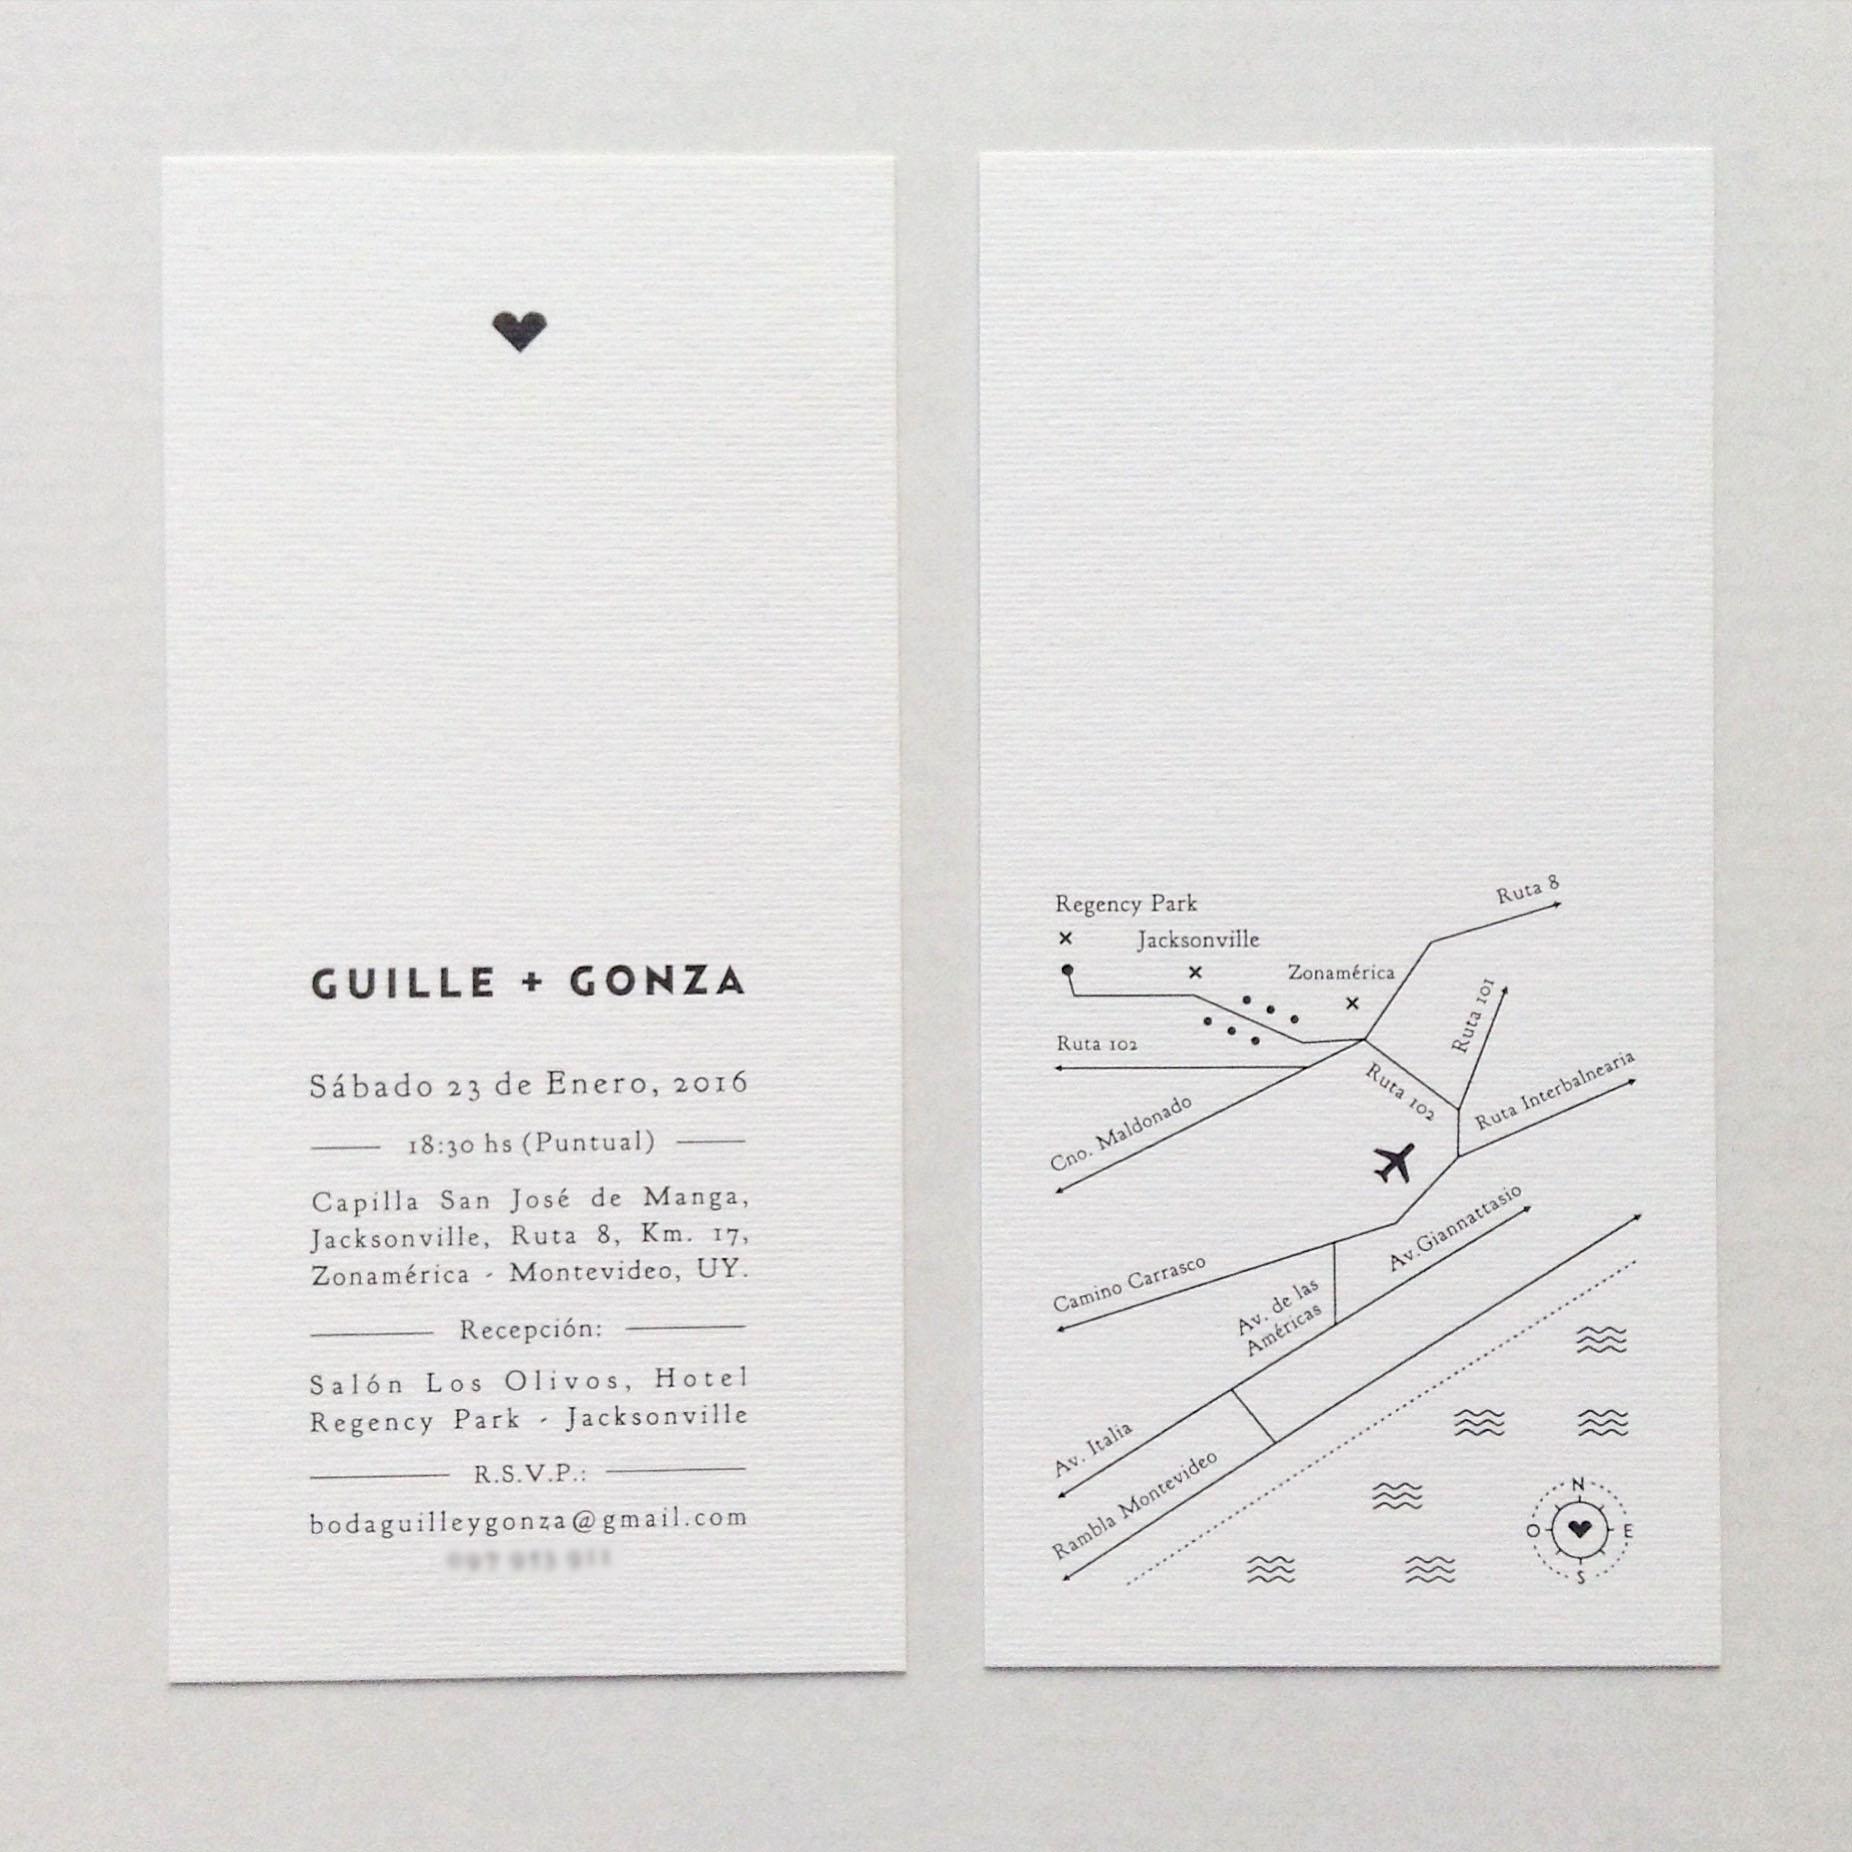 TARJETA   Boda: Guille + Gonza